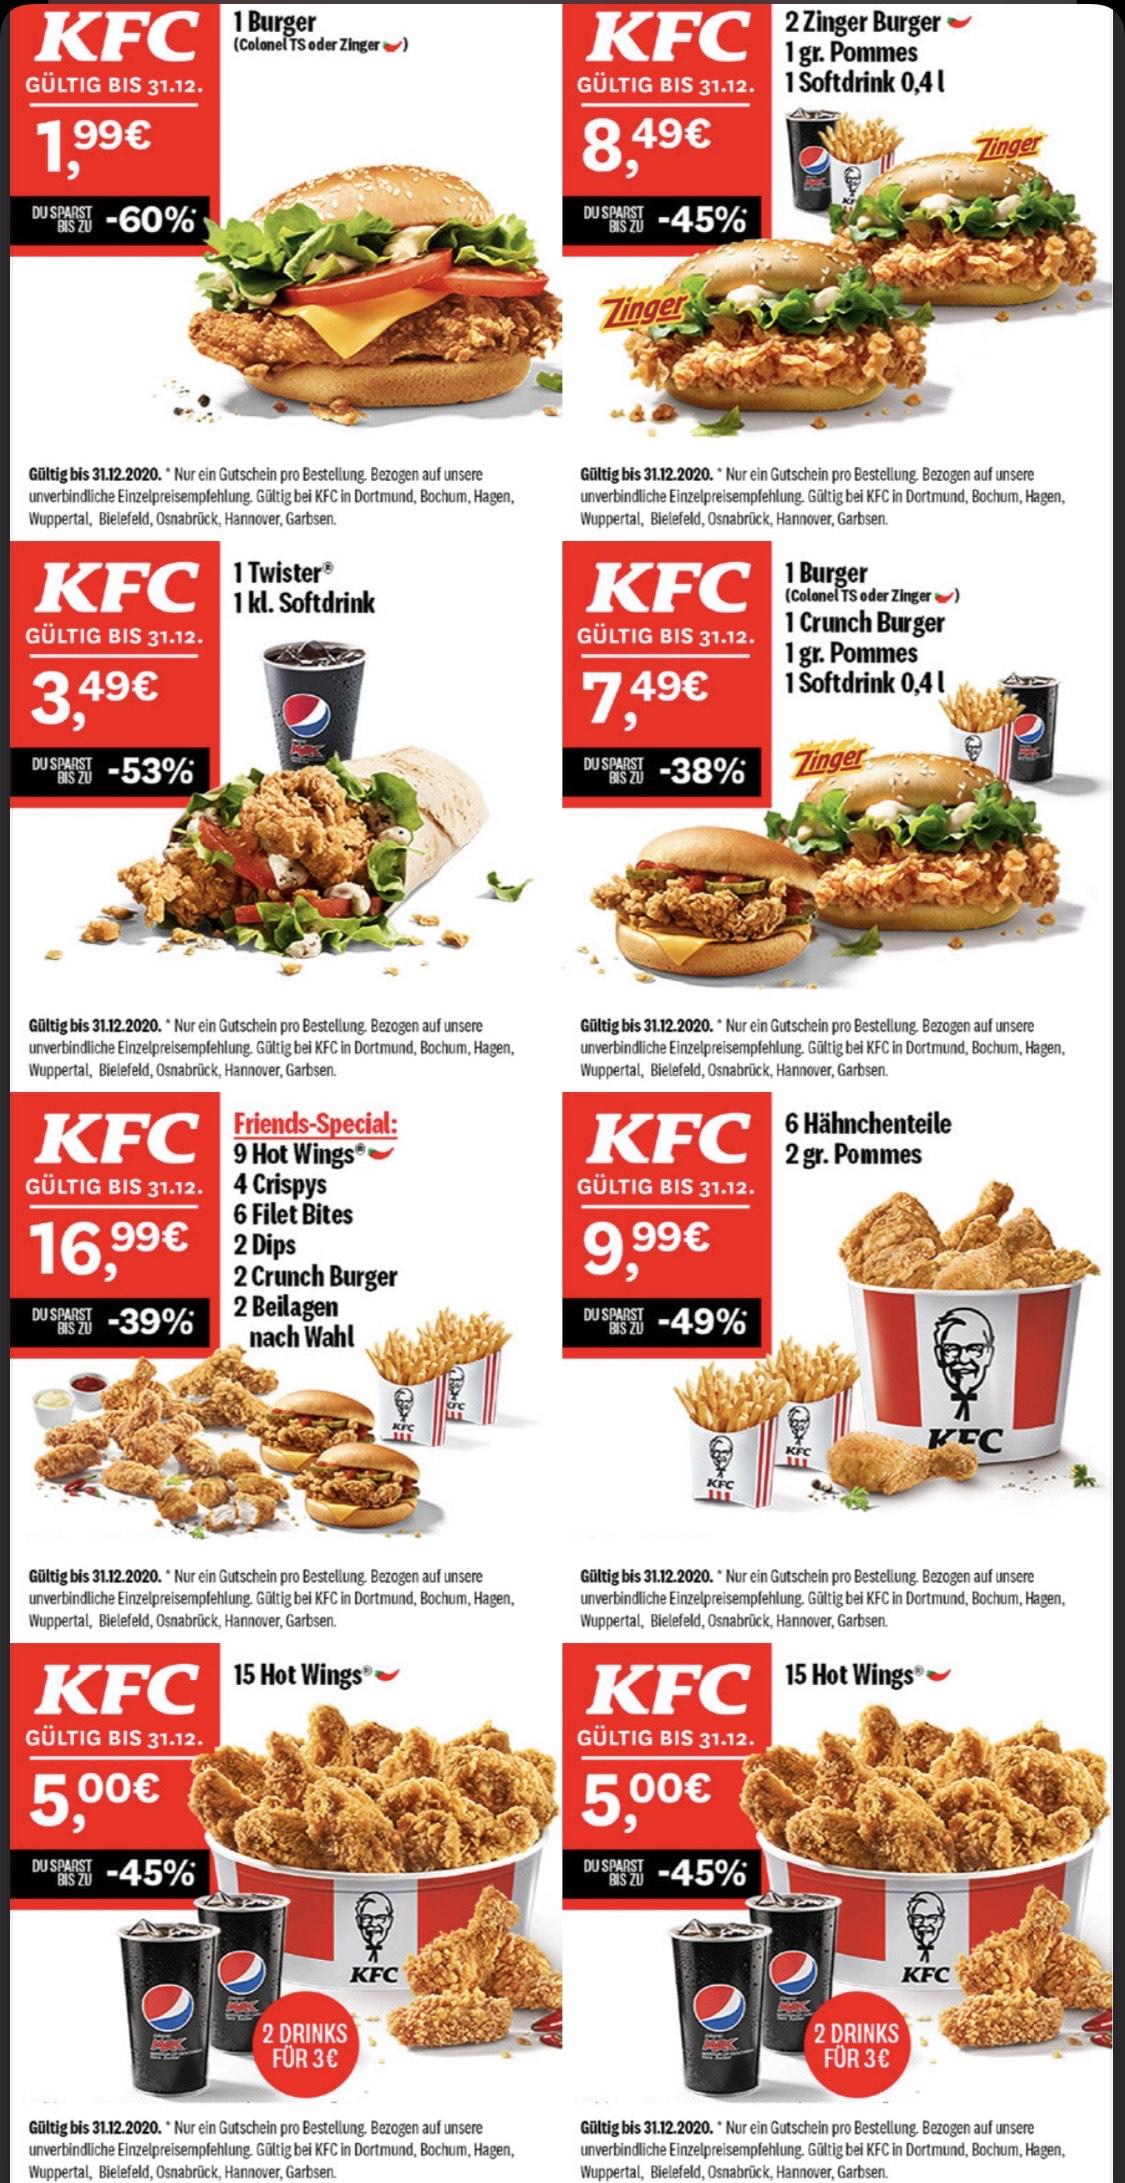 [Lokal] KFC Gutscheine